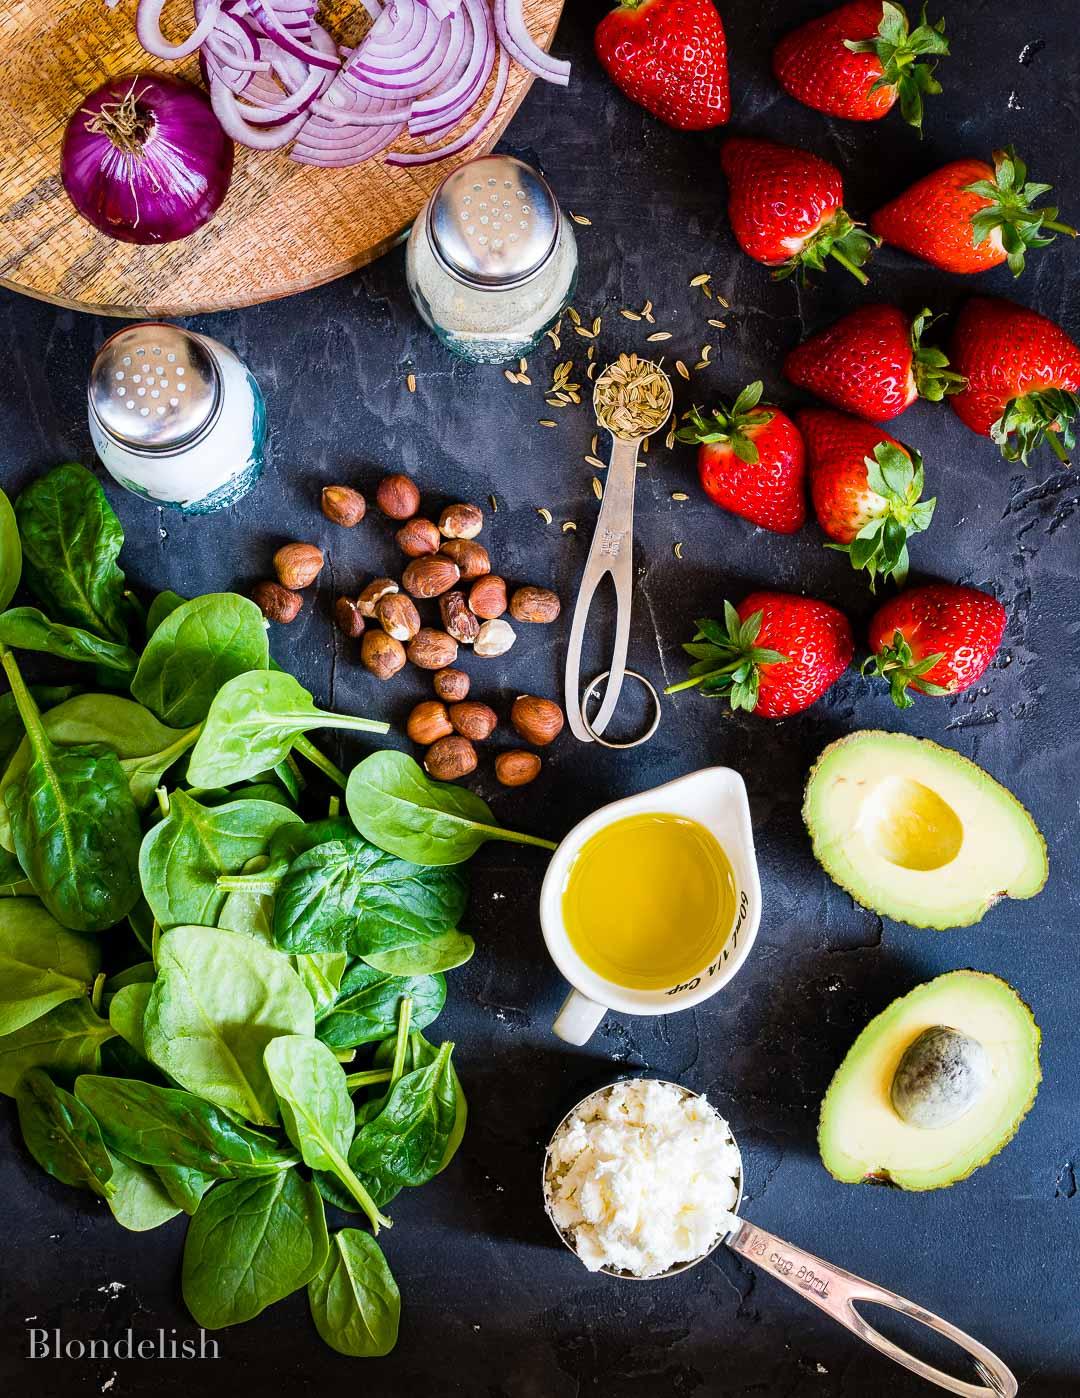 Best Strawberry and Avocado Chicken Salad Recipe - Chicken Salad Ingredients